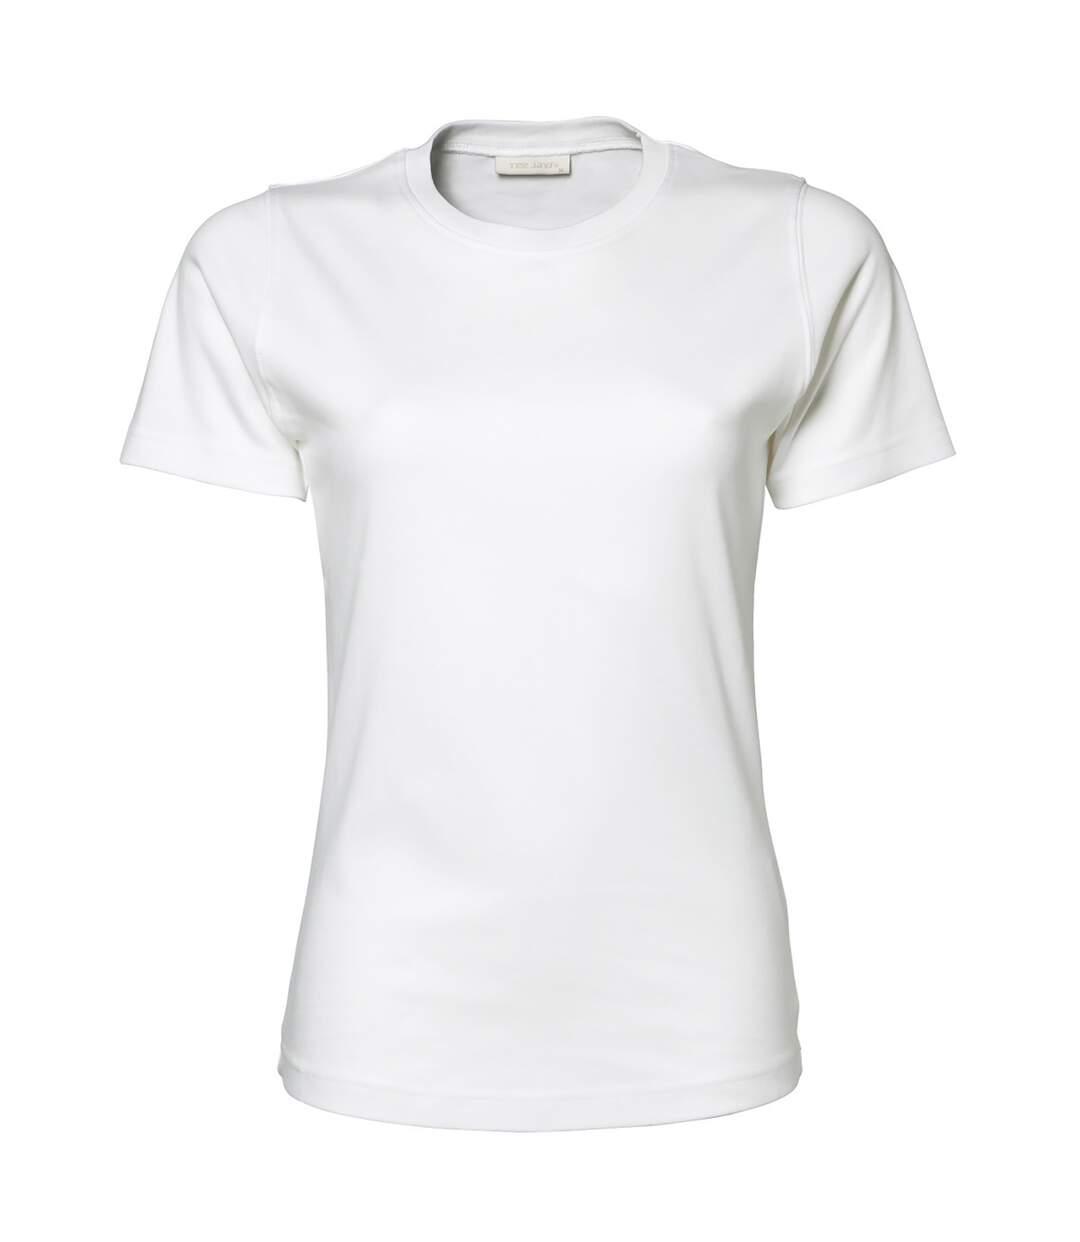 Tee Jays - T-Shirt À Manches Courtes 100% Coton - Femme (Blanc) - UTBC3321